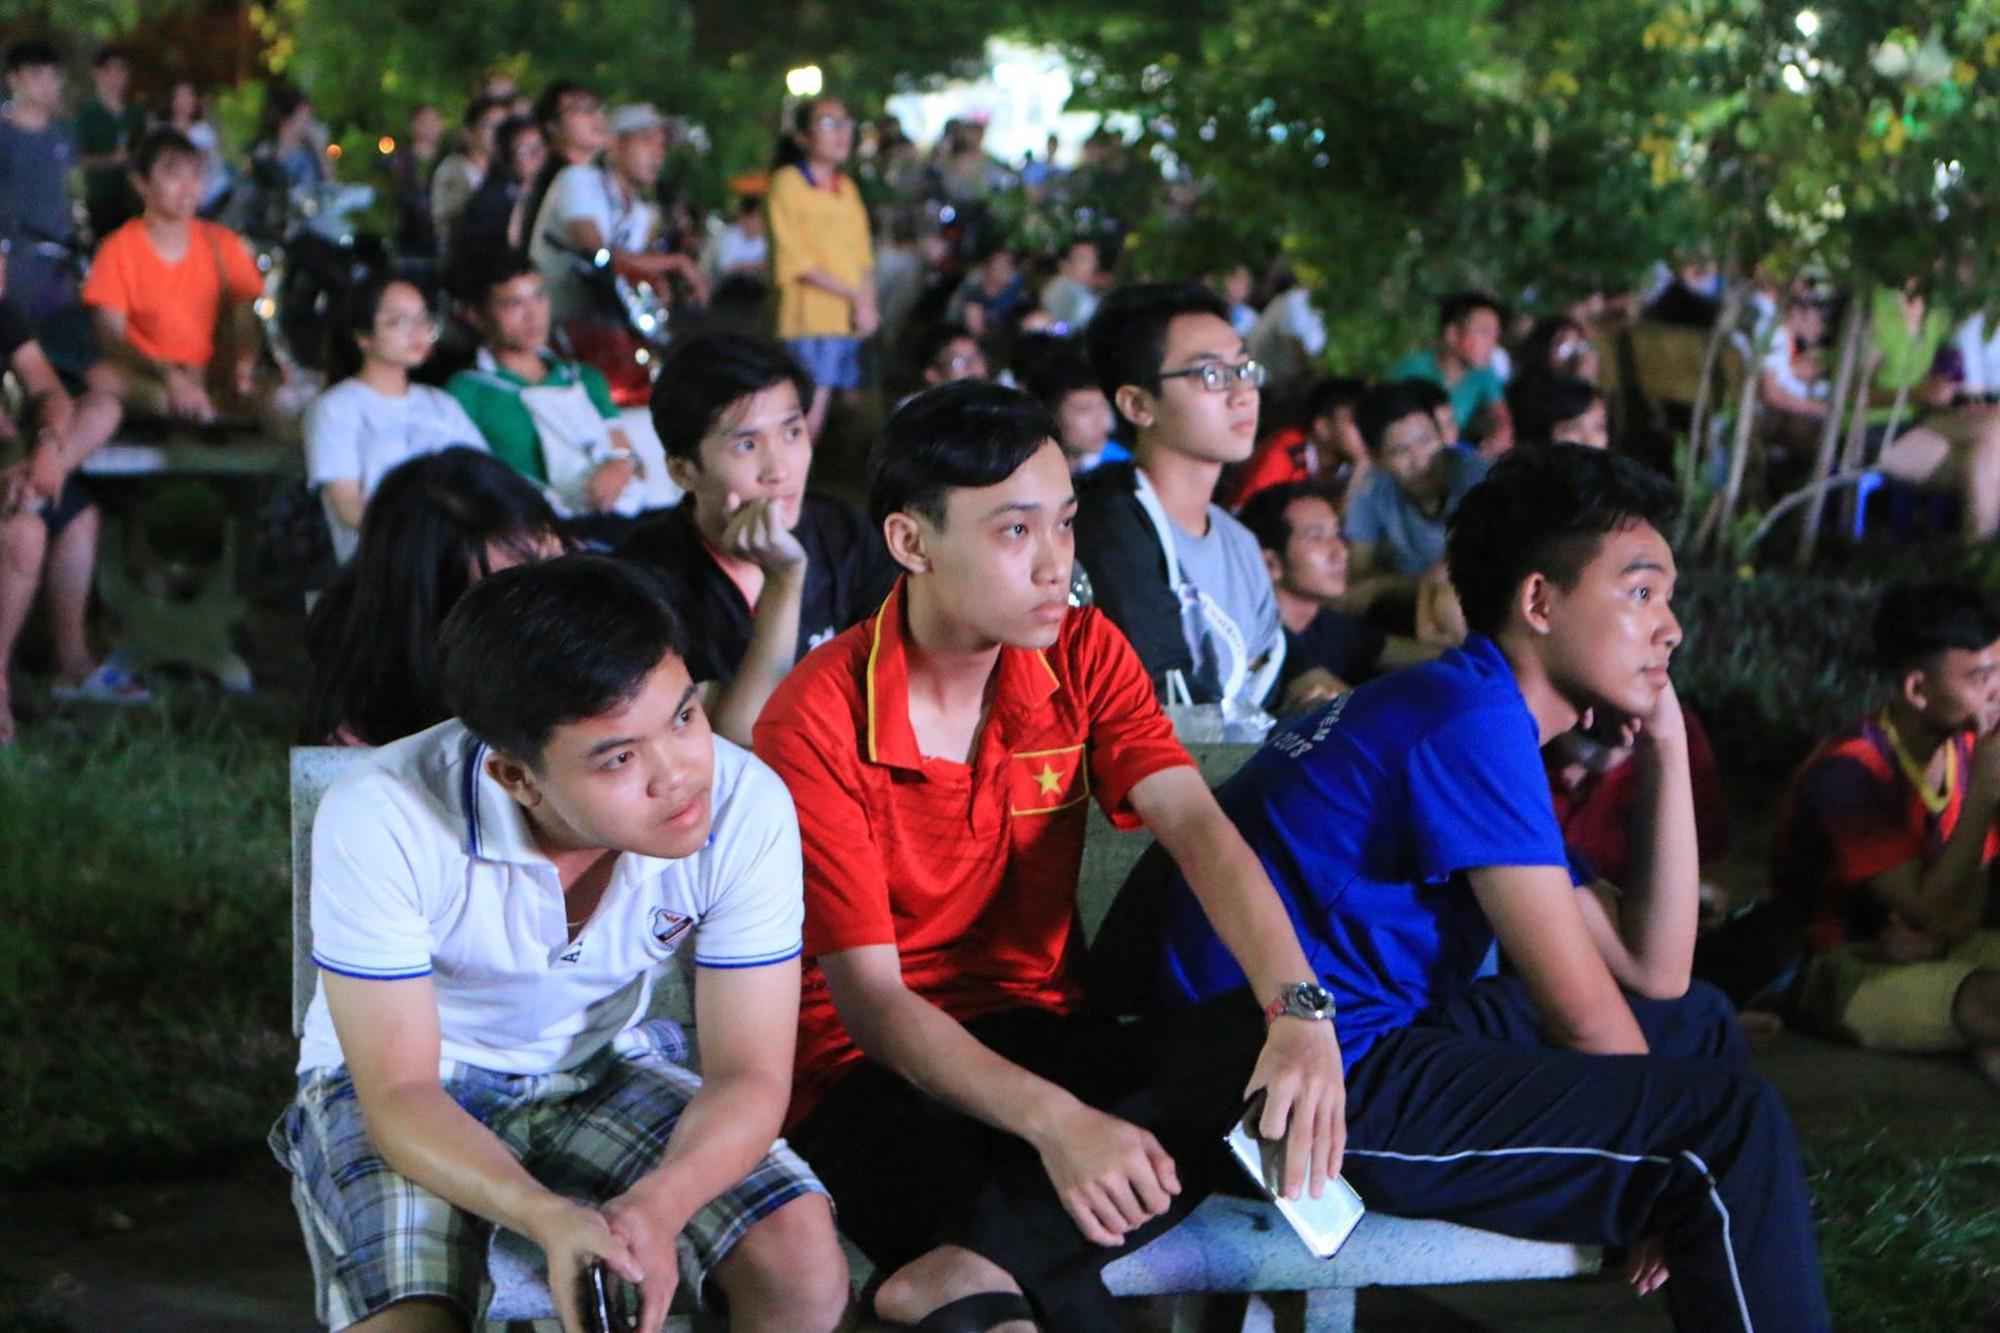 Màn ăn mừng gắt nhất đêm: Mai có tiết kiểm tra, các thanh niên vừa đi bão vừa học bài vừa hô vang Việt Nam vô địch - Ảnh 12.